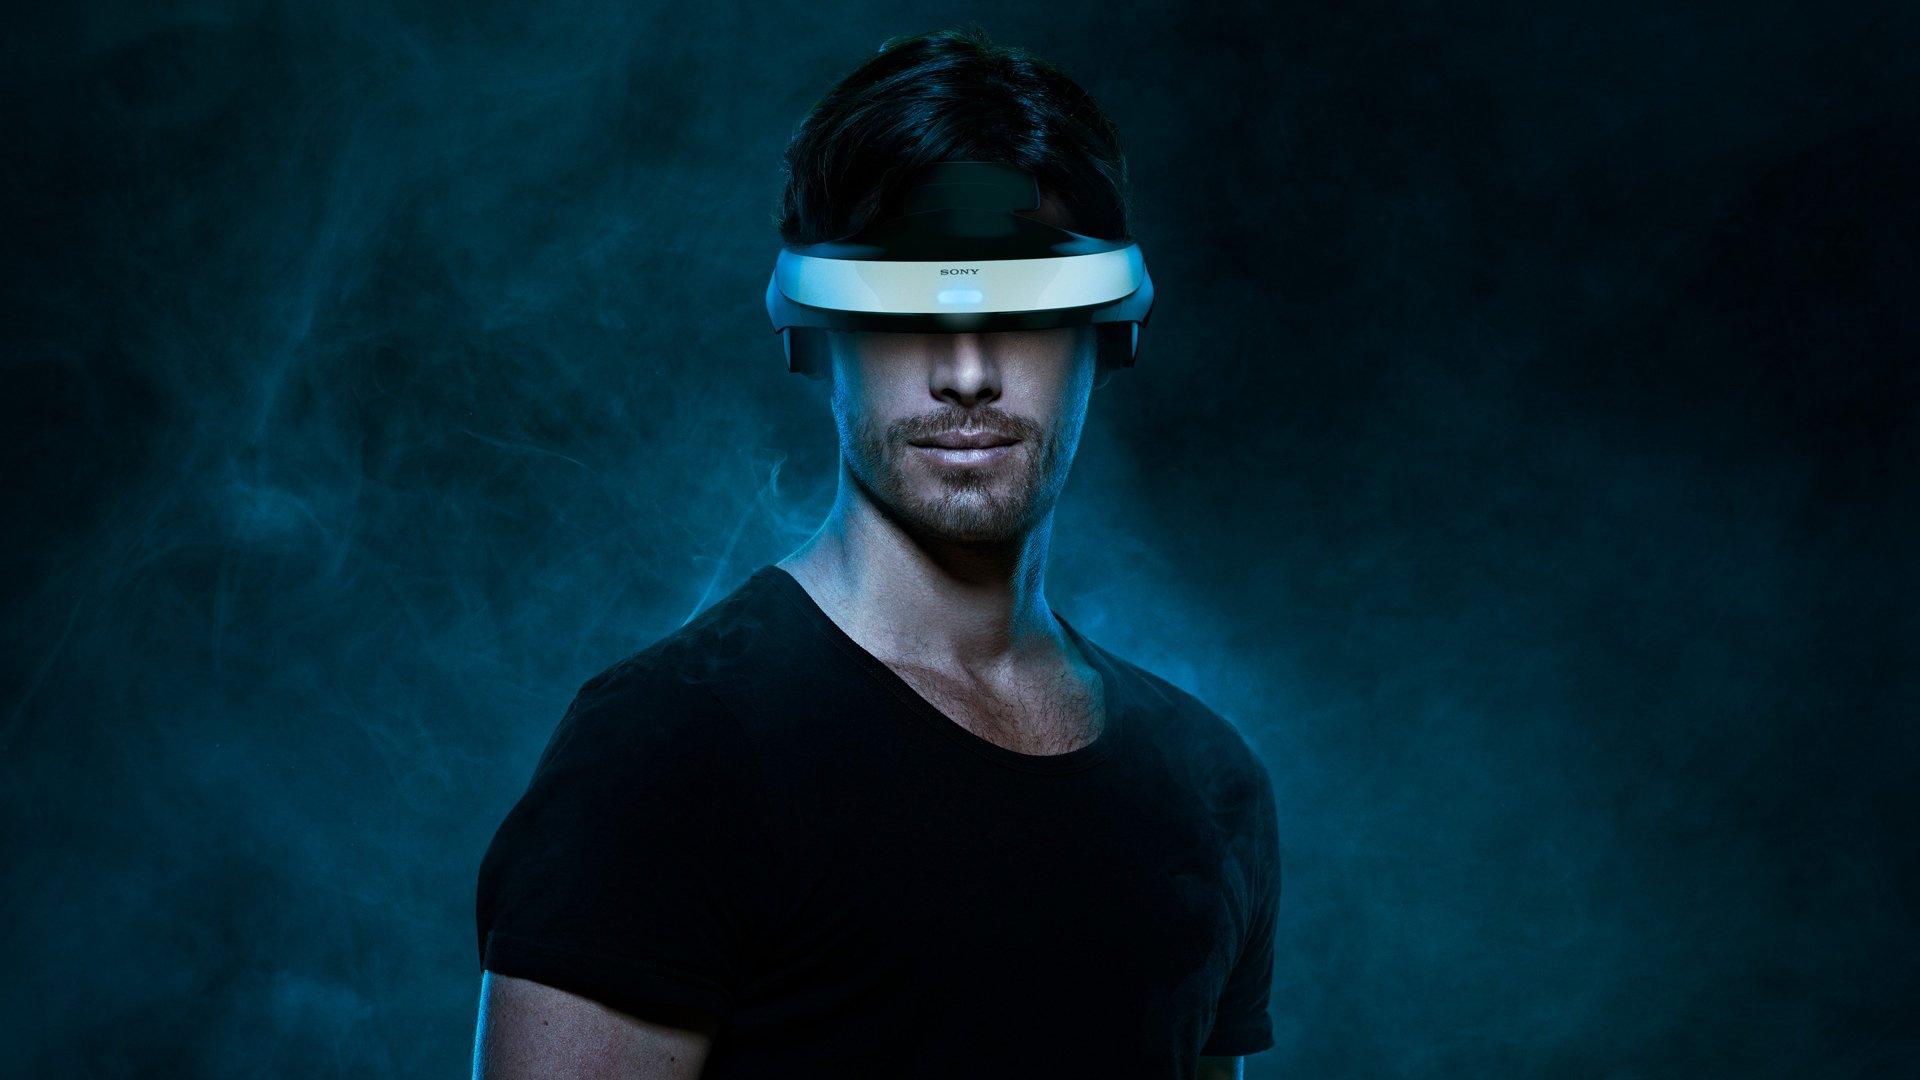 Аналог неплохо совсем     Очки вируальной реальности от Sony  - Изображение 1